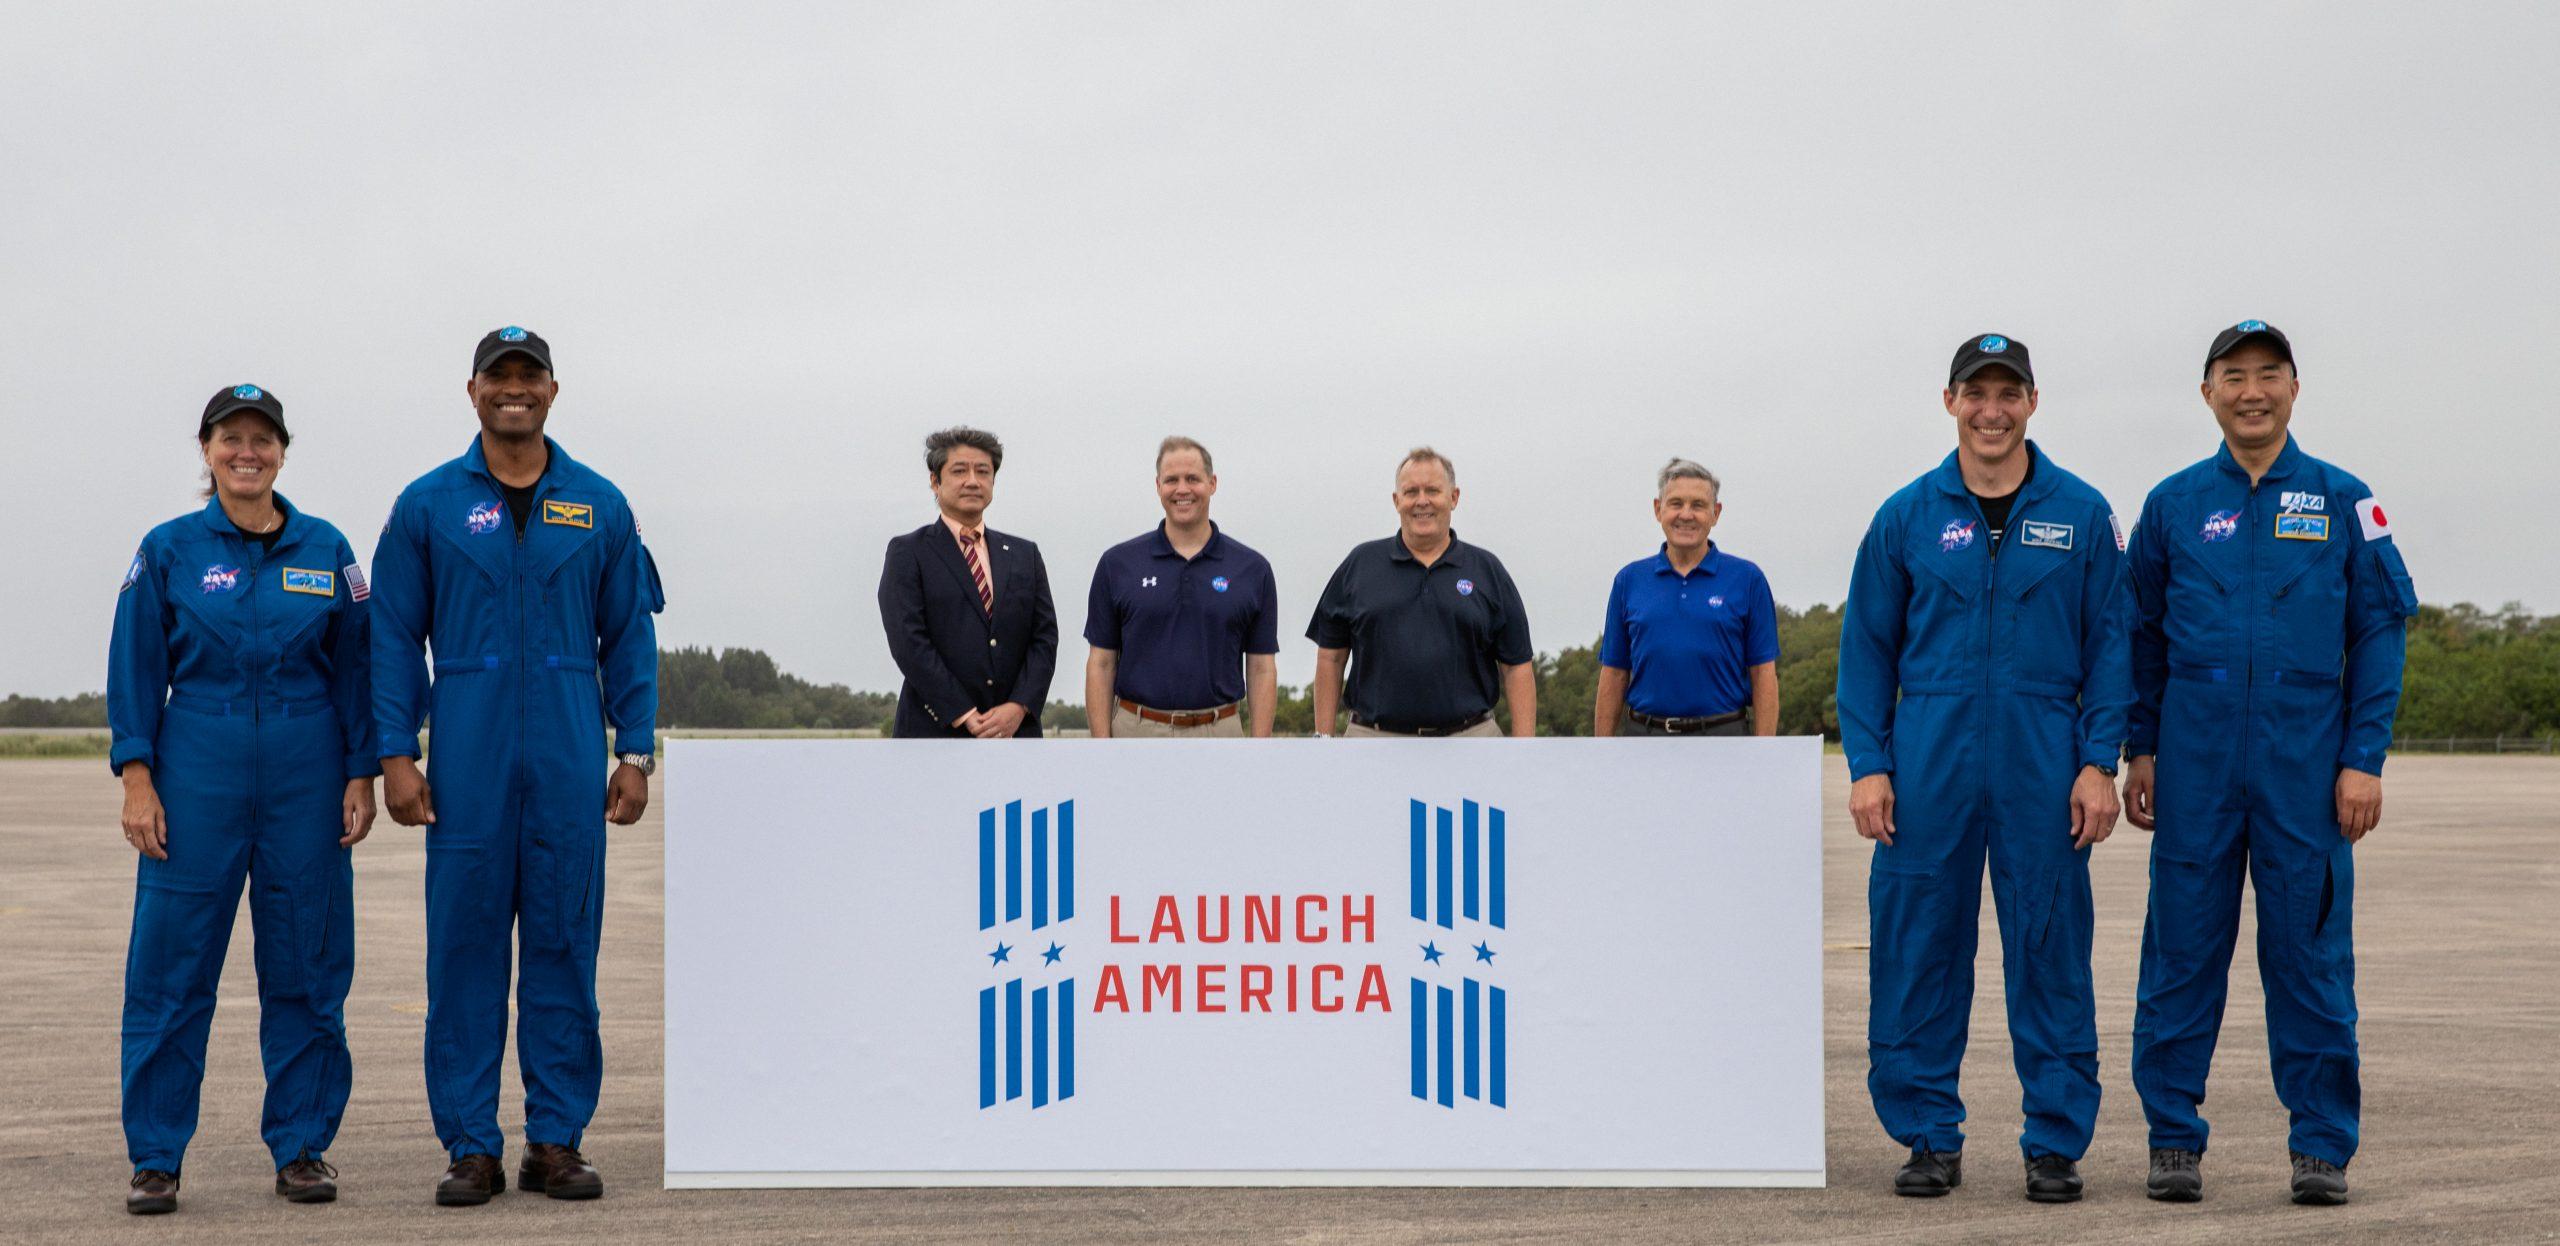 Un événement d'arrivée d'équipage pour la mission SpaceX Crew-1 de la NASA a lieu le 8 novembre 2020 à l'installation de lancement et d'atterrissage du centre spatial Kennedy de l'agence en Floride.  De gauche à droite, l'astronaute de la NASA Shannon Walker, spécialiste de mission;  L'astronaute de la NASA Victor Glover, pilote;  Junichi Sakai, directeur, Programme de la Station spatiale internationale, JAXA;  L'administrateur de la NASA Jim Bridenstine;  L'administrateur adjoint de la NASA Jim Morhard;  Bob Cabana, directeur, Centre spatial Kennedy;  L'astronaute de la NASA Michael Hopkins, commandant du vaisseau spatial;  et l'astronaute de la JAXA Soichi Noguchi, spécialiste de mission.